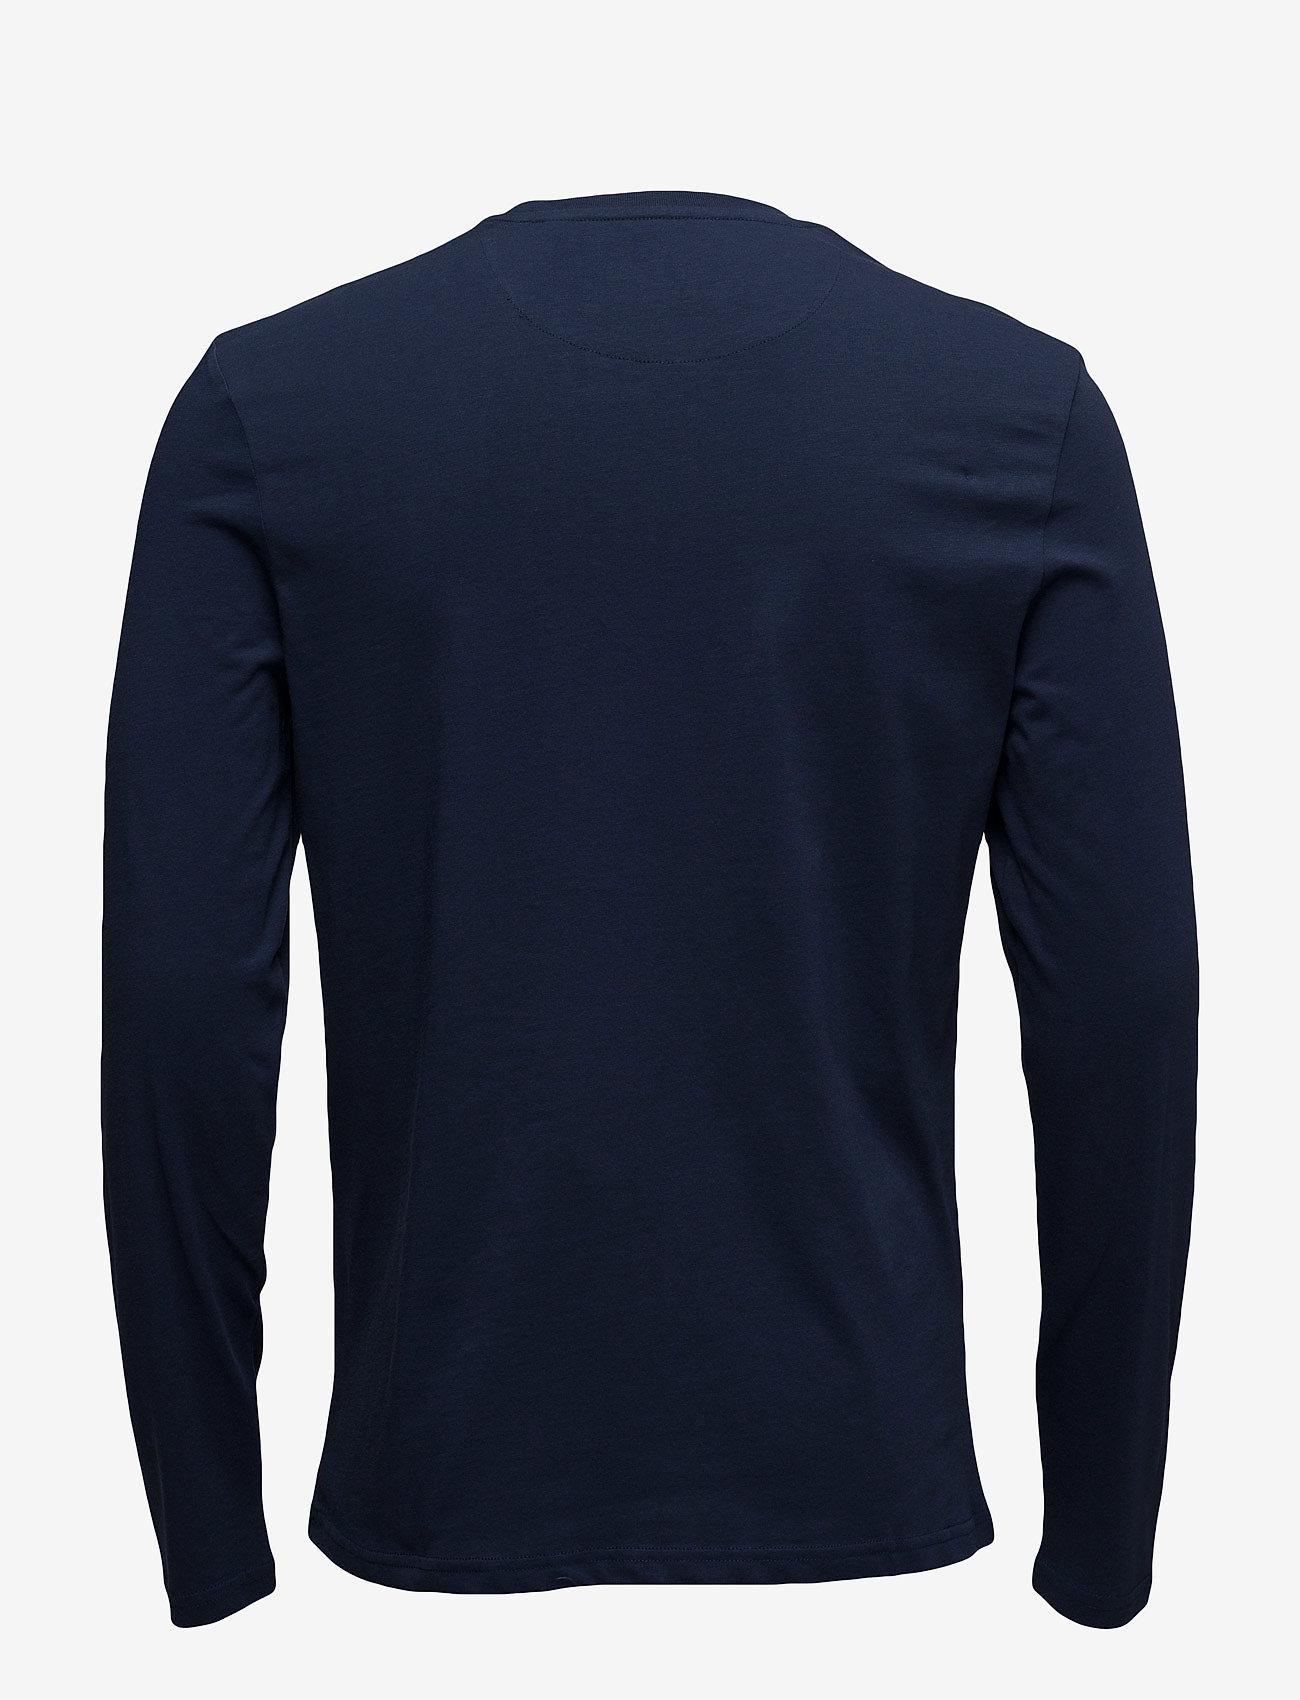 Lyle & Scott LS Crew Neck T-shirt - T-skjorter NAVY - Menn Klær